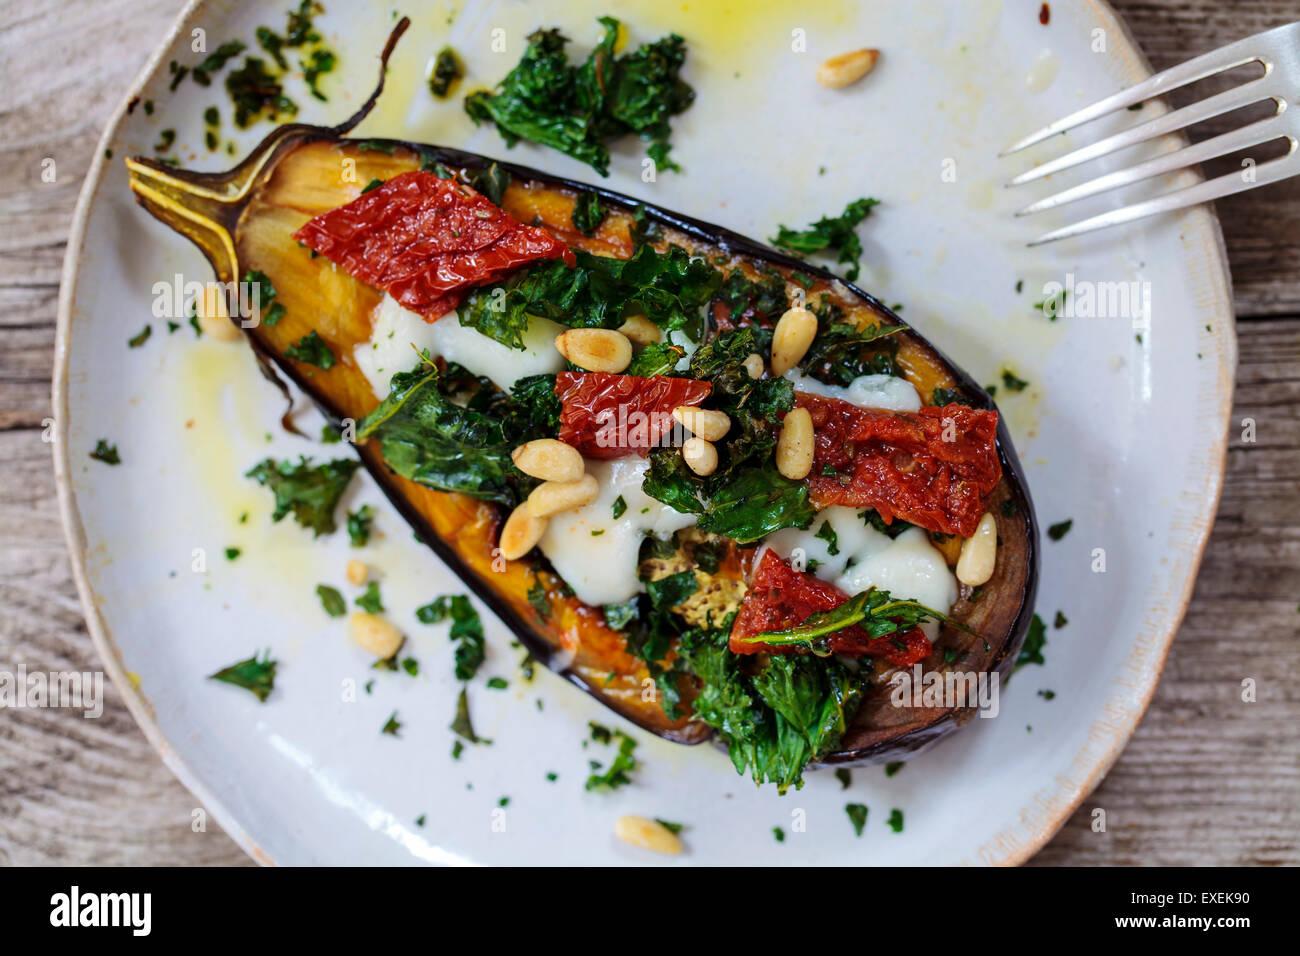 Berenjenas asadas con queso de cabra, crujiente de la col rizada, tomates secados al sol y piñones Imagen De Stock